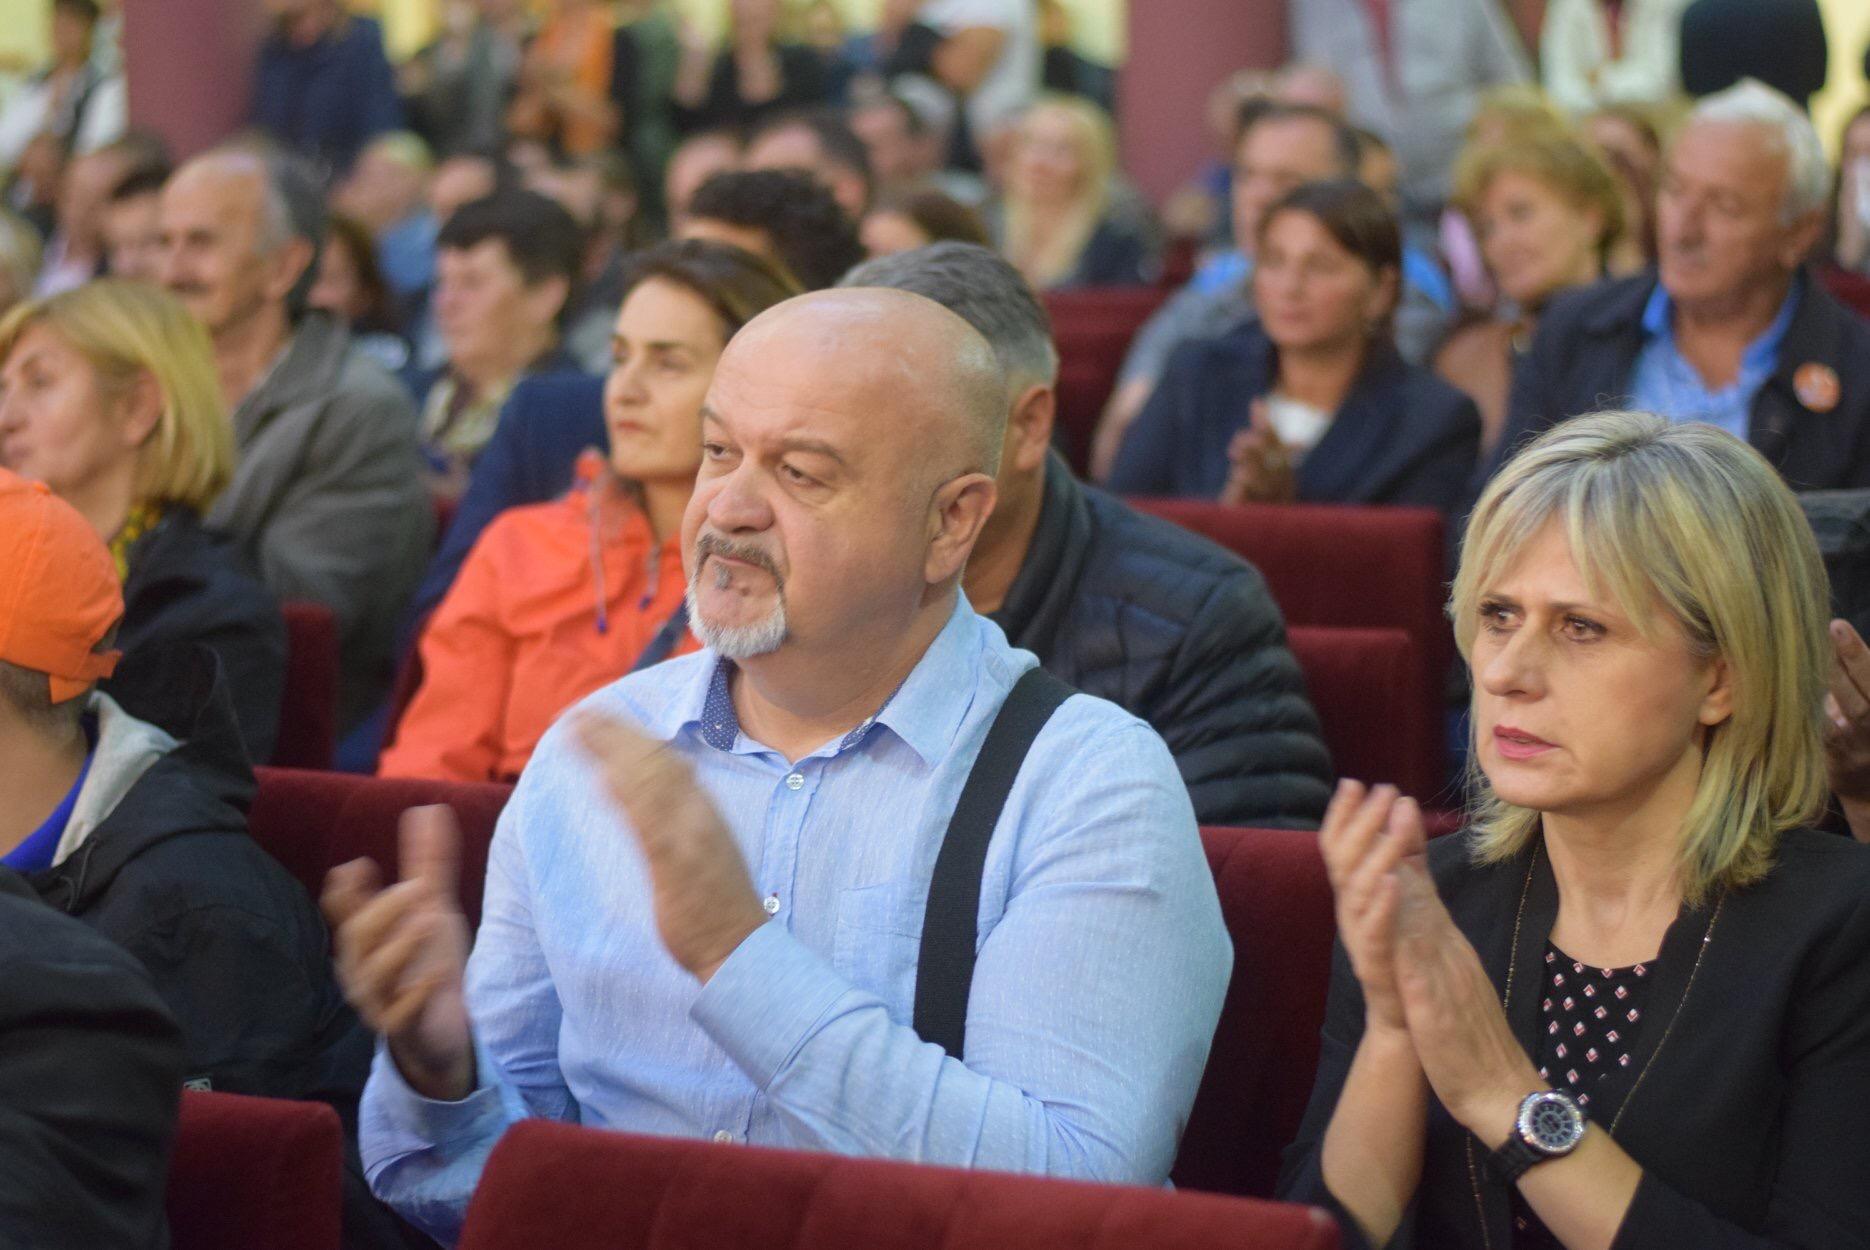 Pokrenute aktivnosti Općinske organizacije DF Novo Sarajevo u svrhu priprema za lokalne izbore 2020. godine